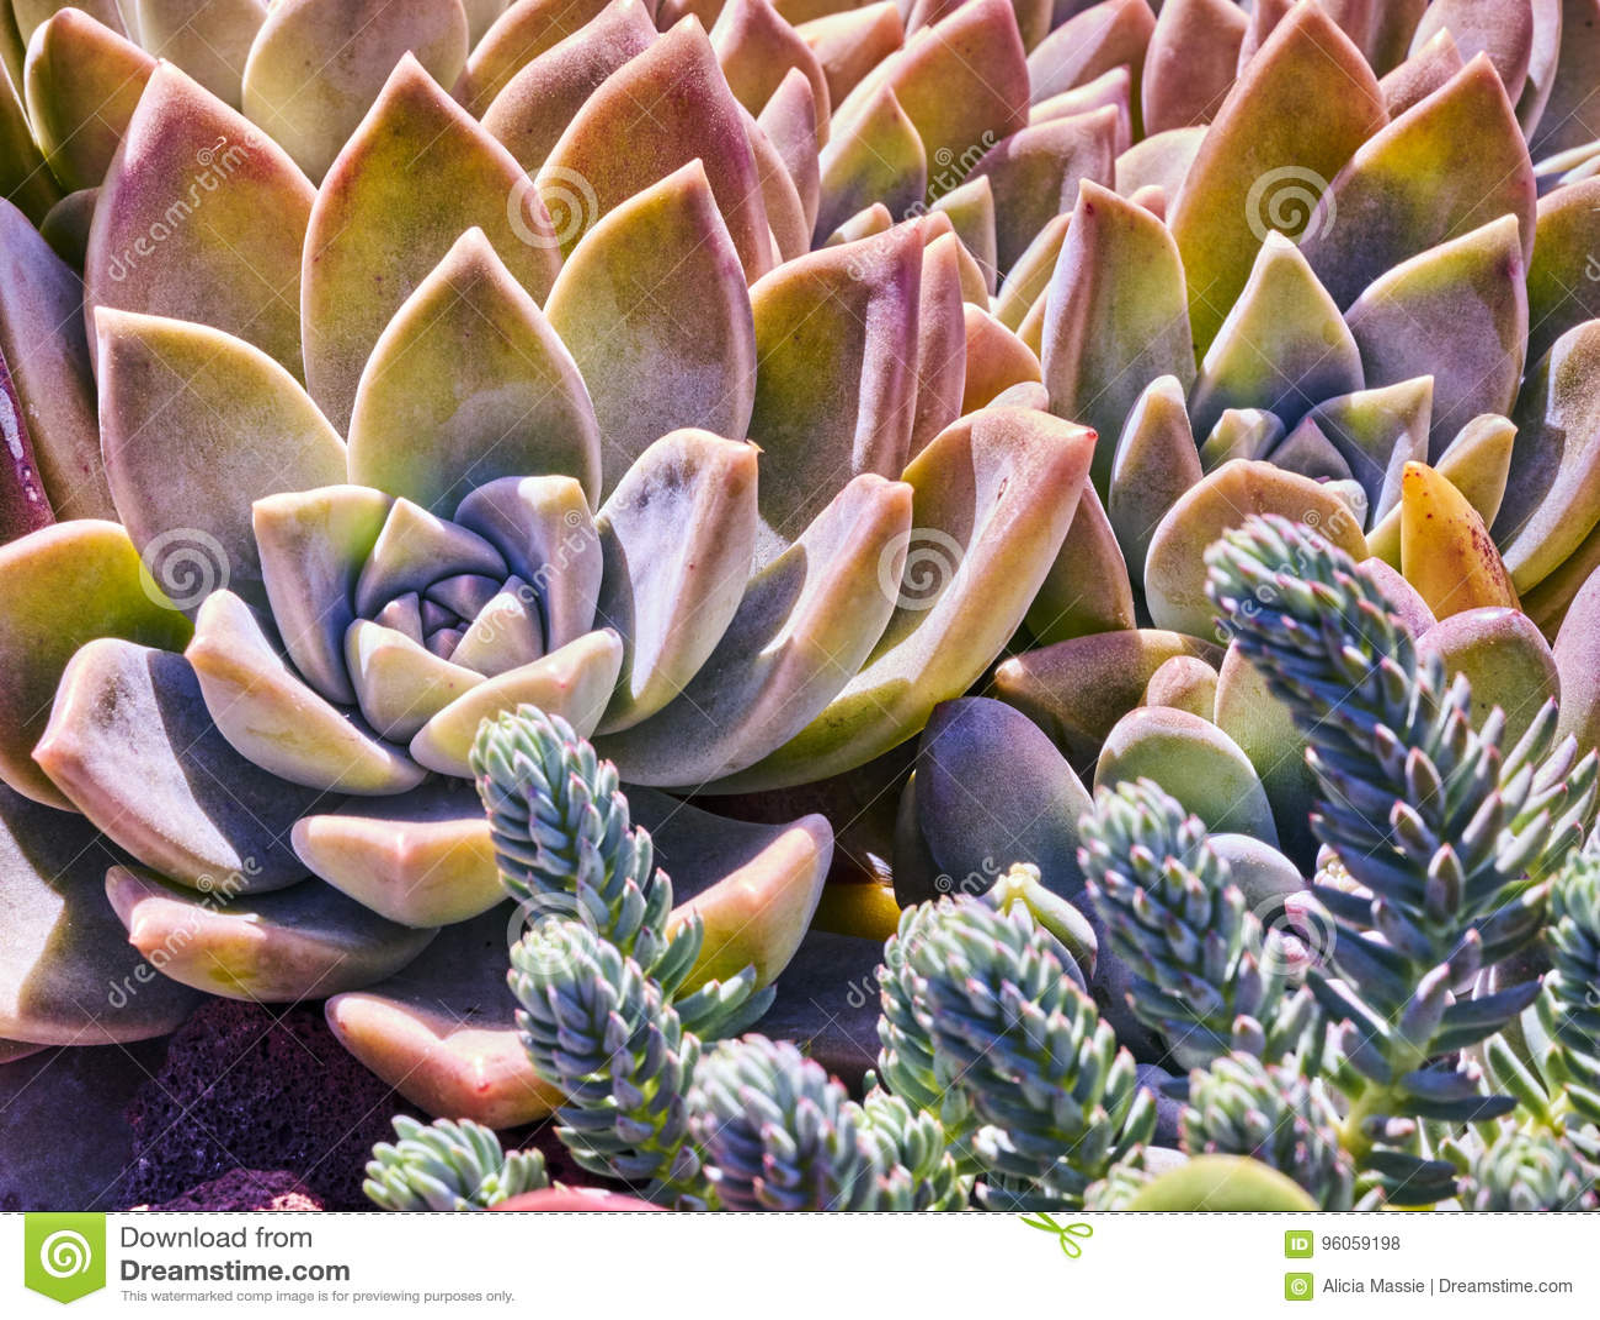 Variété de succulents dans un environnement sécheresse-tolérant